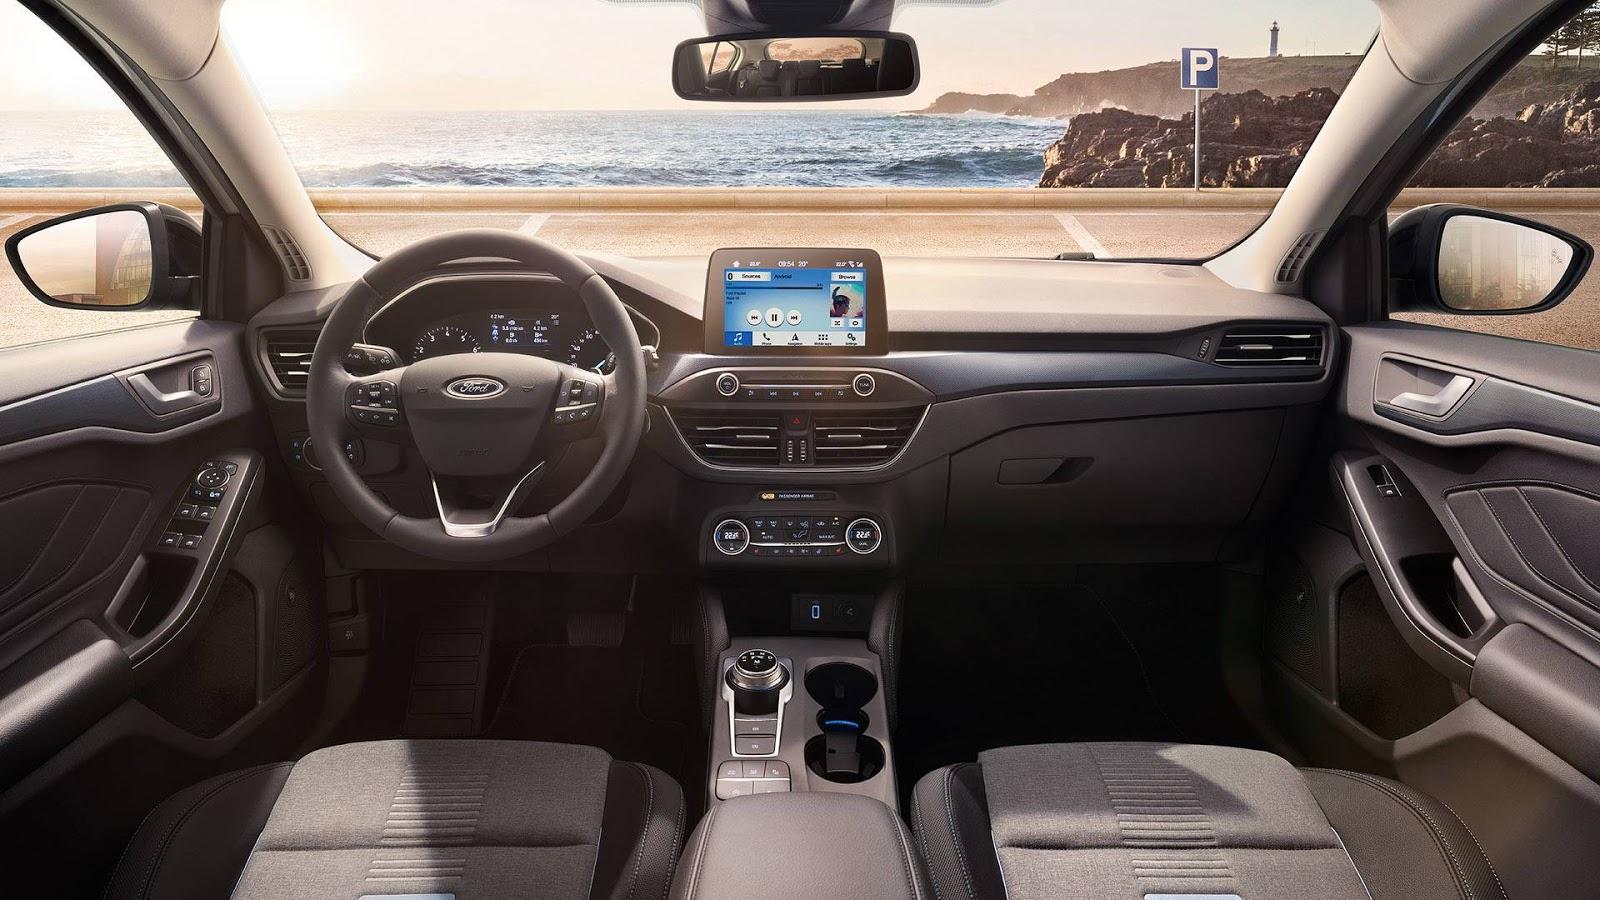 Bộ Hình Ảnh Xe Ford Focus Hoàn Toàn Mới Nhất Model 2019 Ra Mắt, Xe Ford Số Tự Động Bao Nhiêu Tiền, Giá Xe Ford 5Cửa, Ford Qua Sử Dụng, Ford 1.5AT 2020, Ford Việt Nam Nhập khẩu